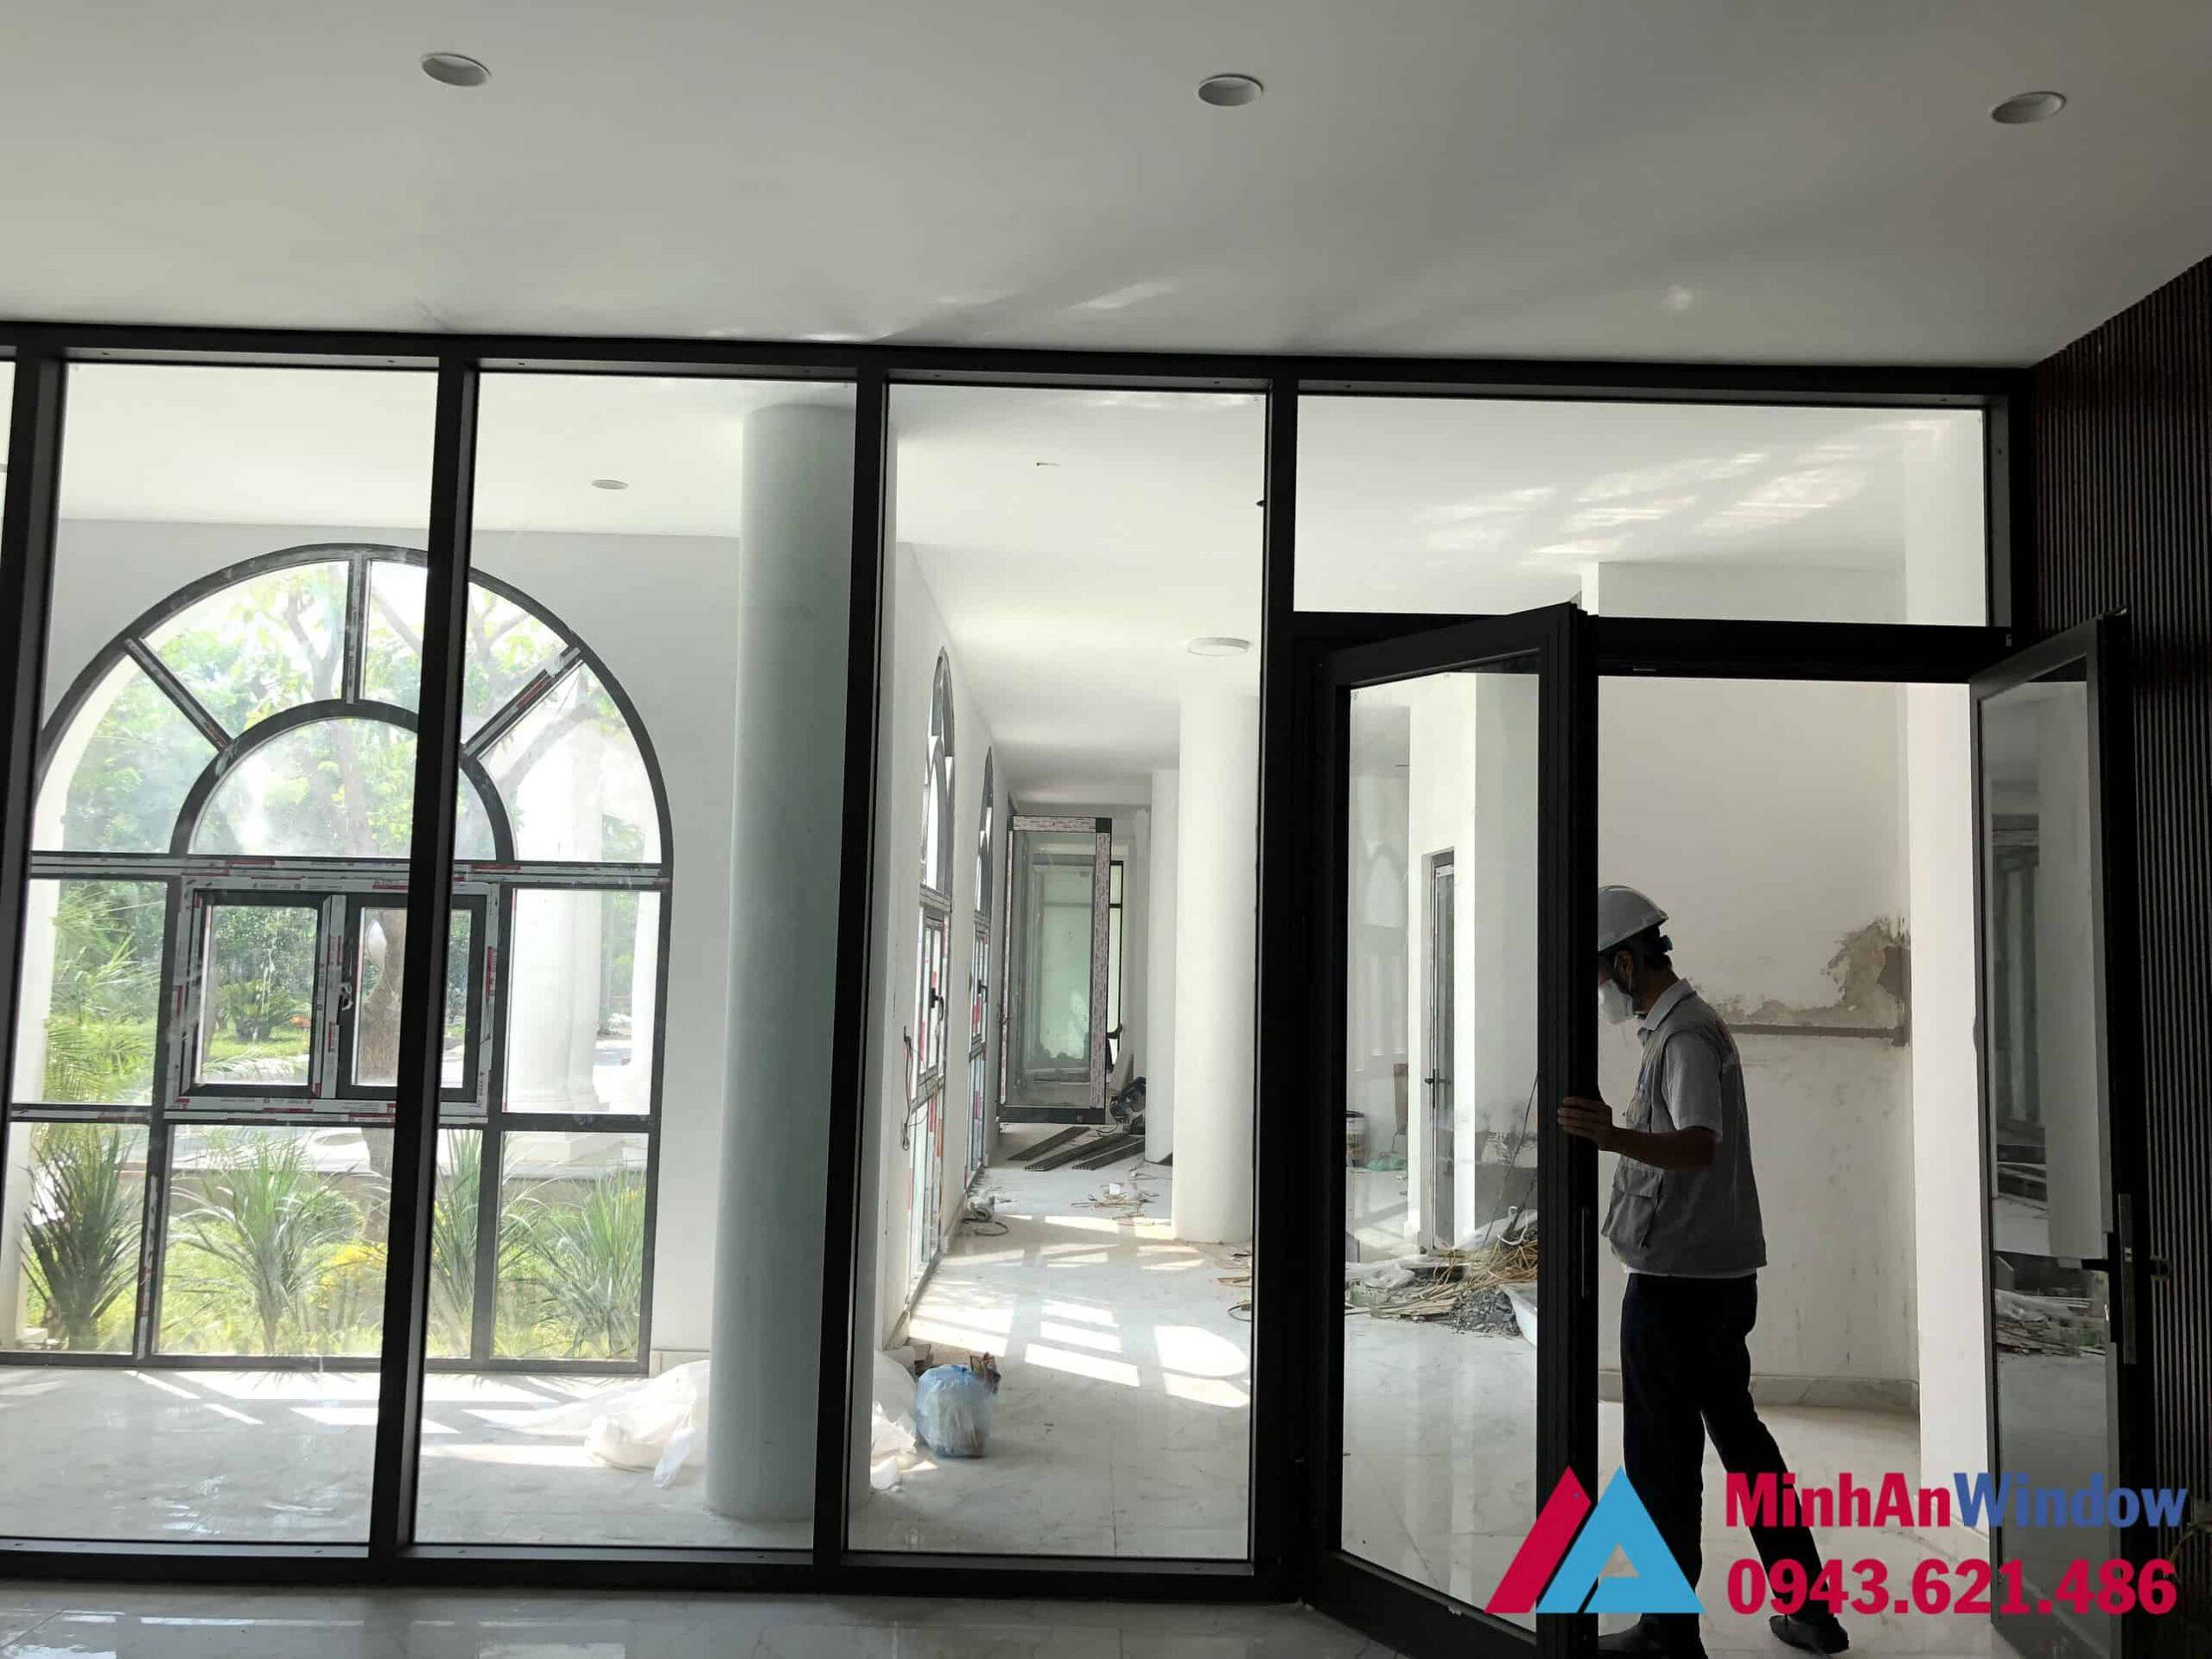 Mẫu cửa đi nhôm kính tại KCN Đài Tư - Long Biên  do Minh An Window lắp đặt